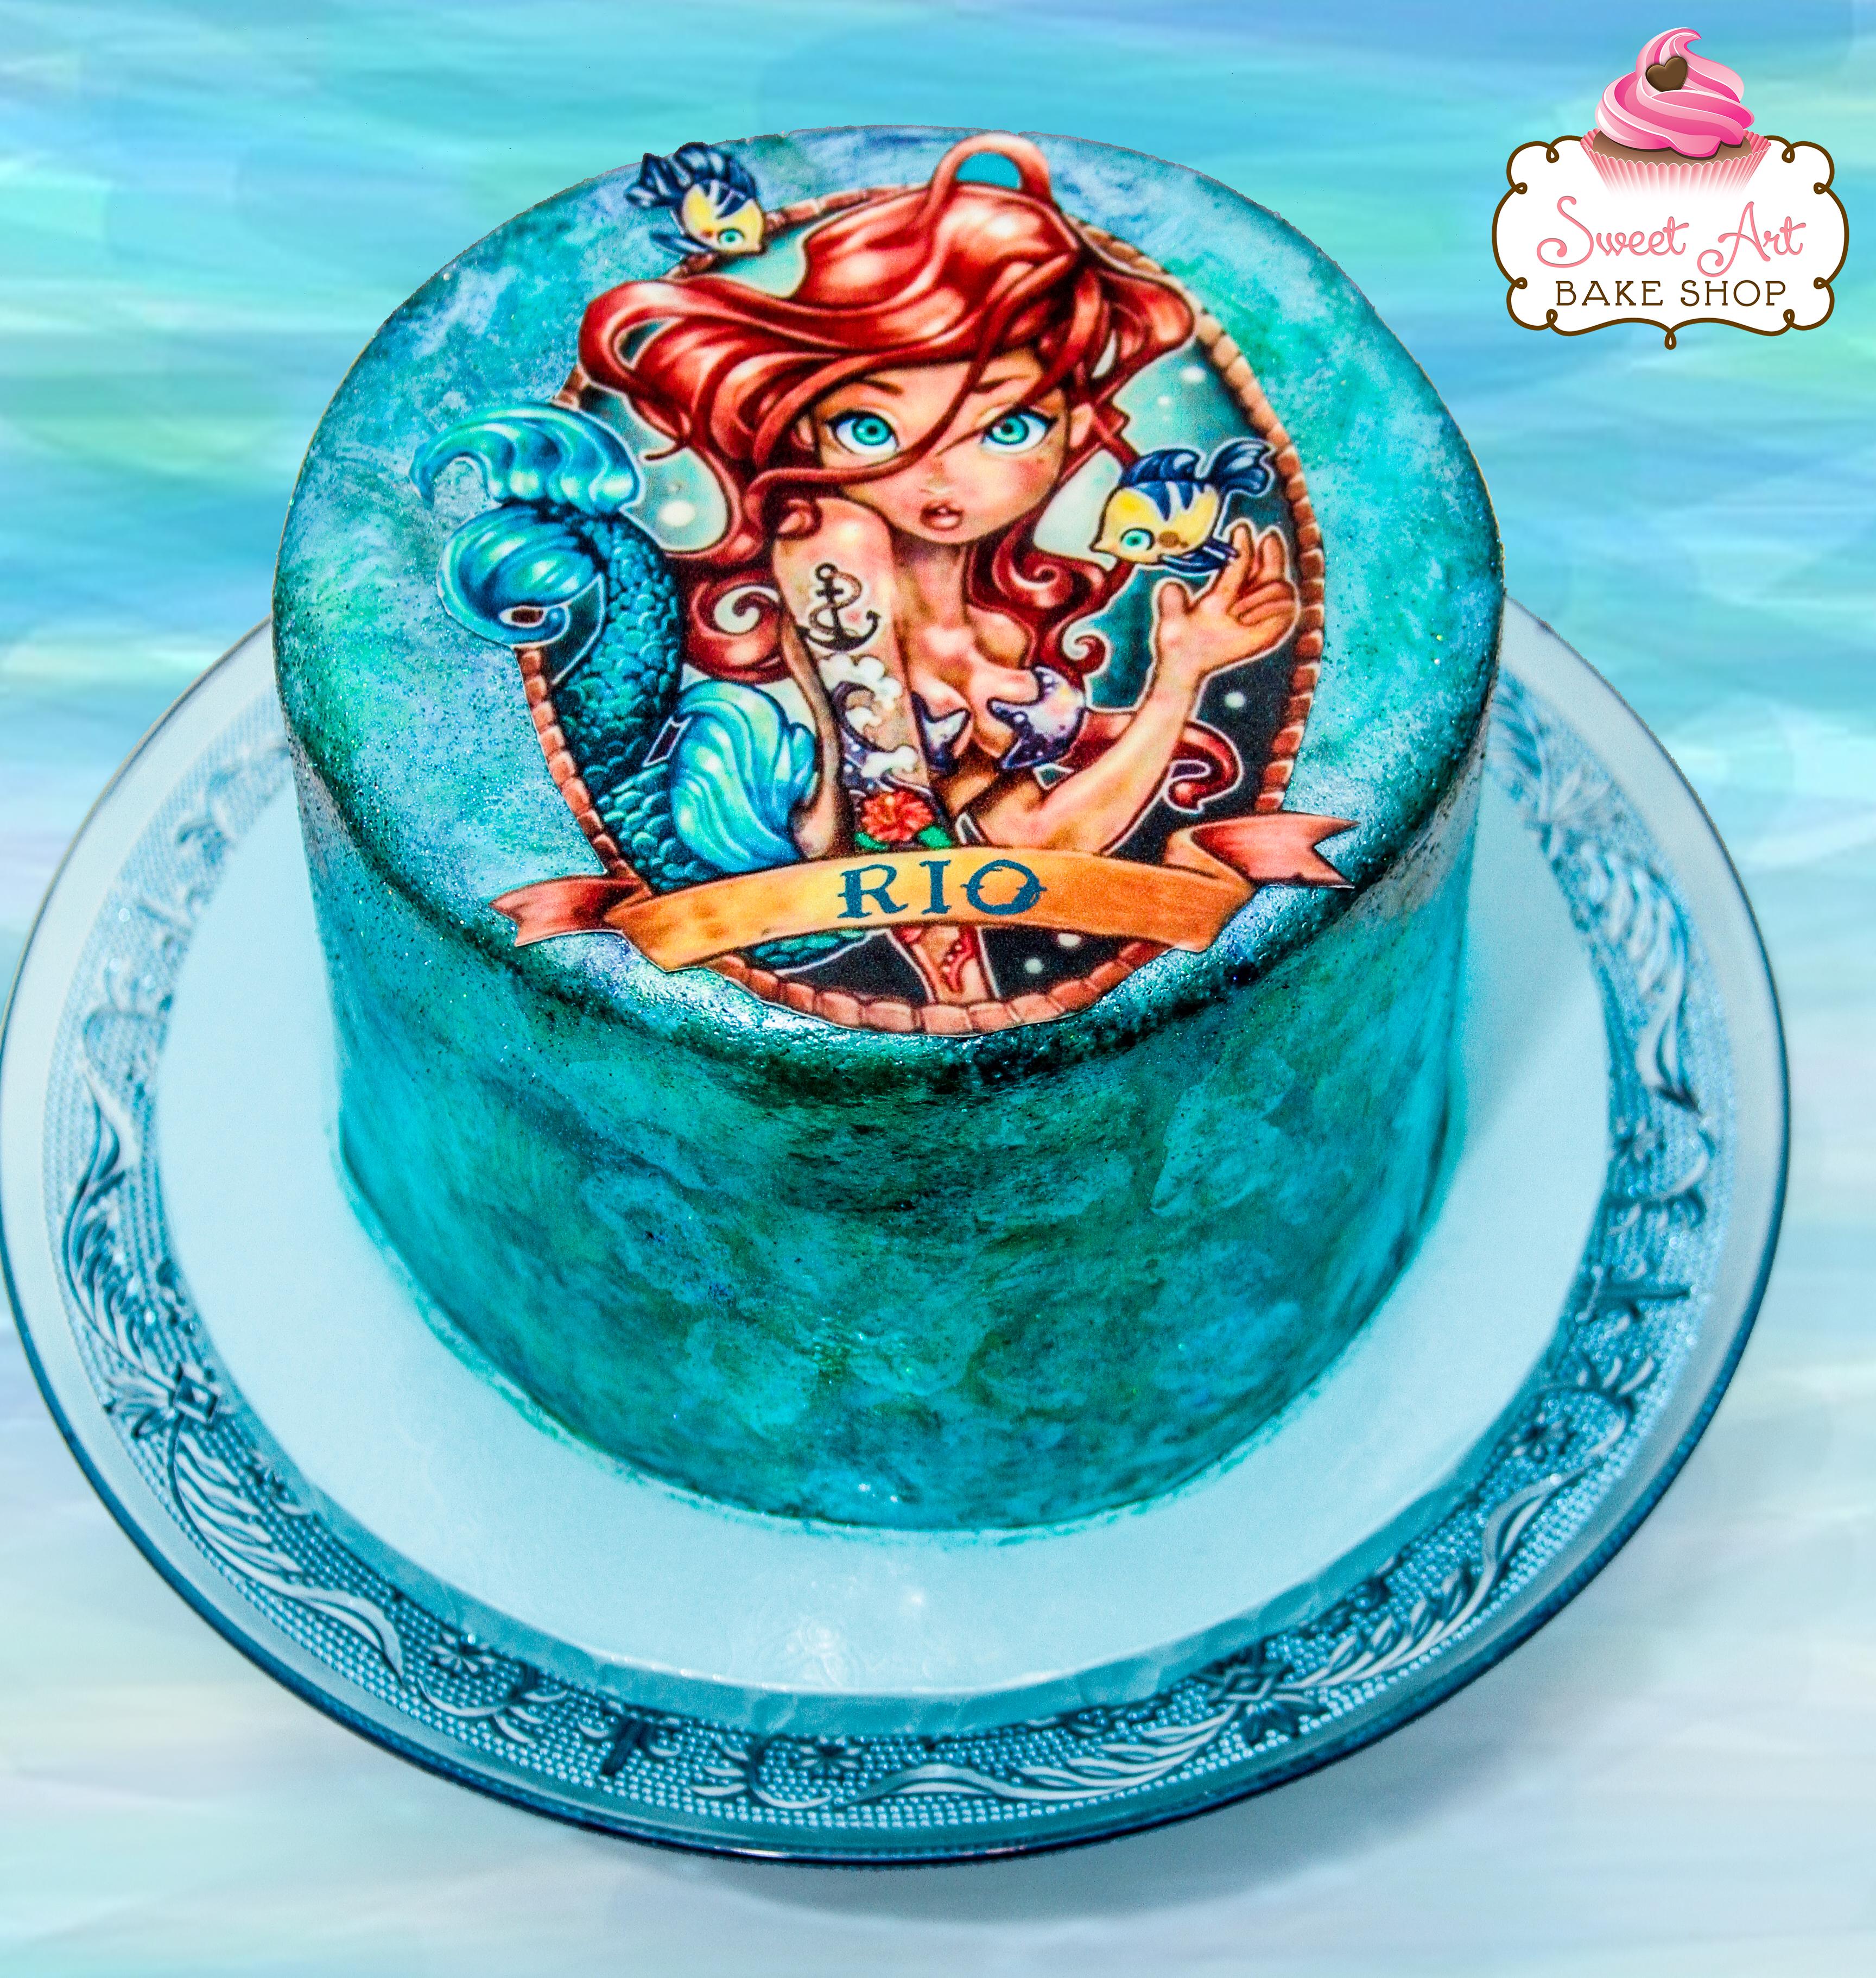 Rio's Sexy Mermaid Cake